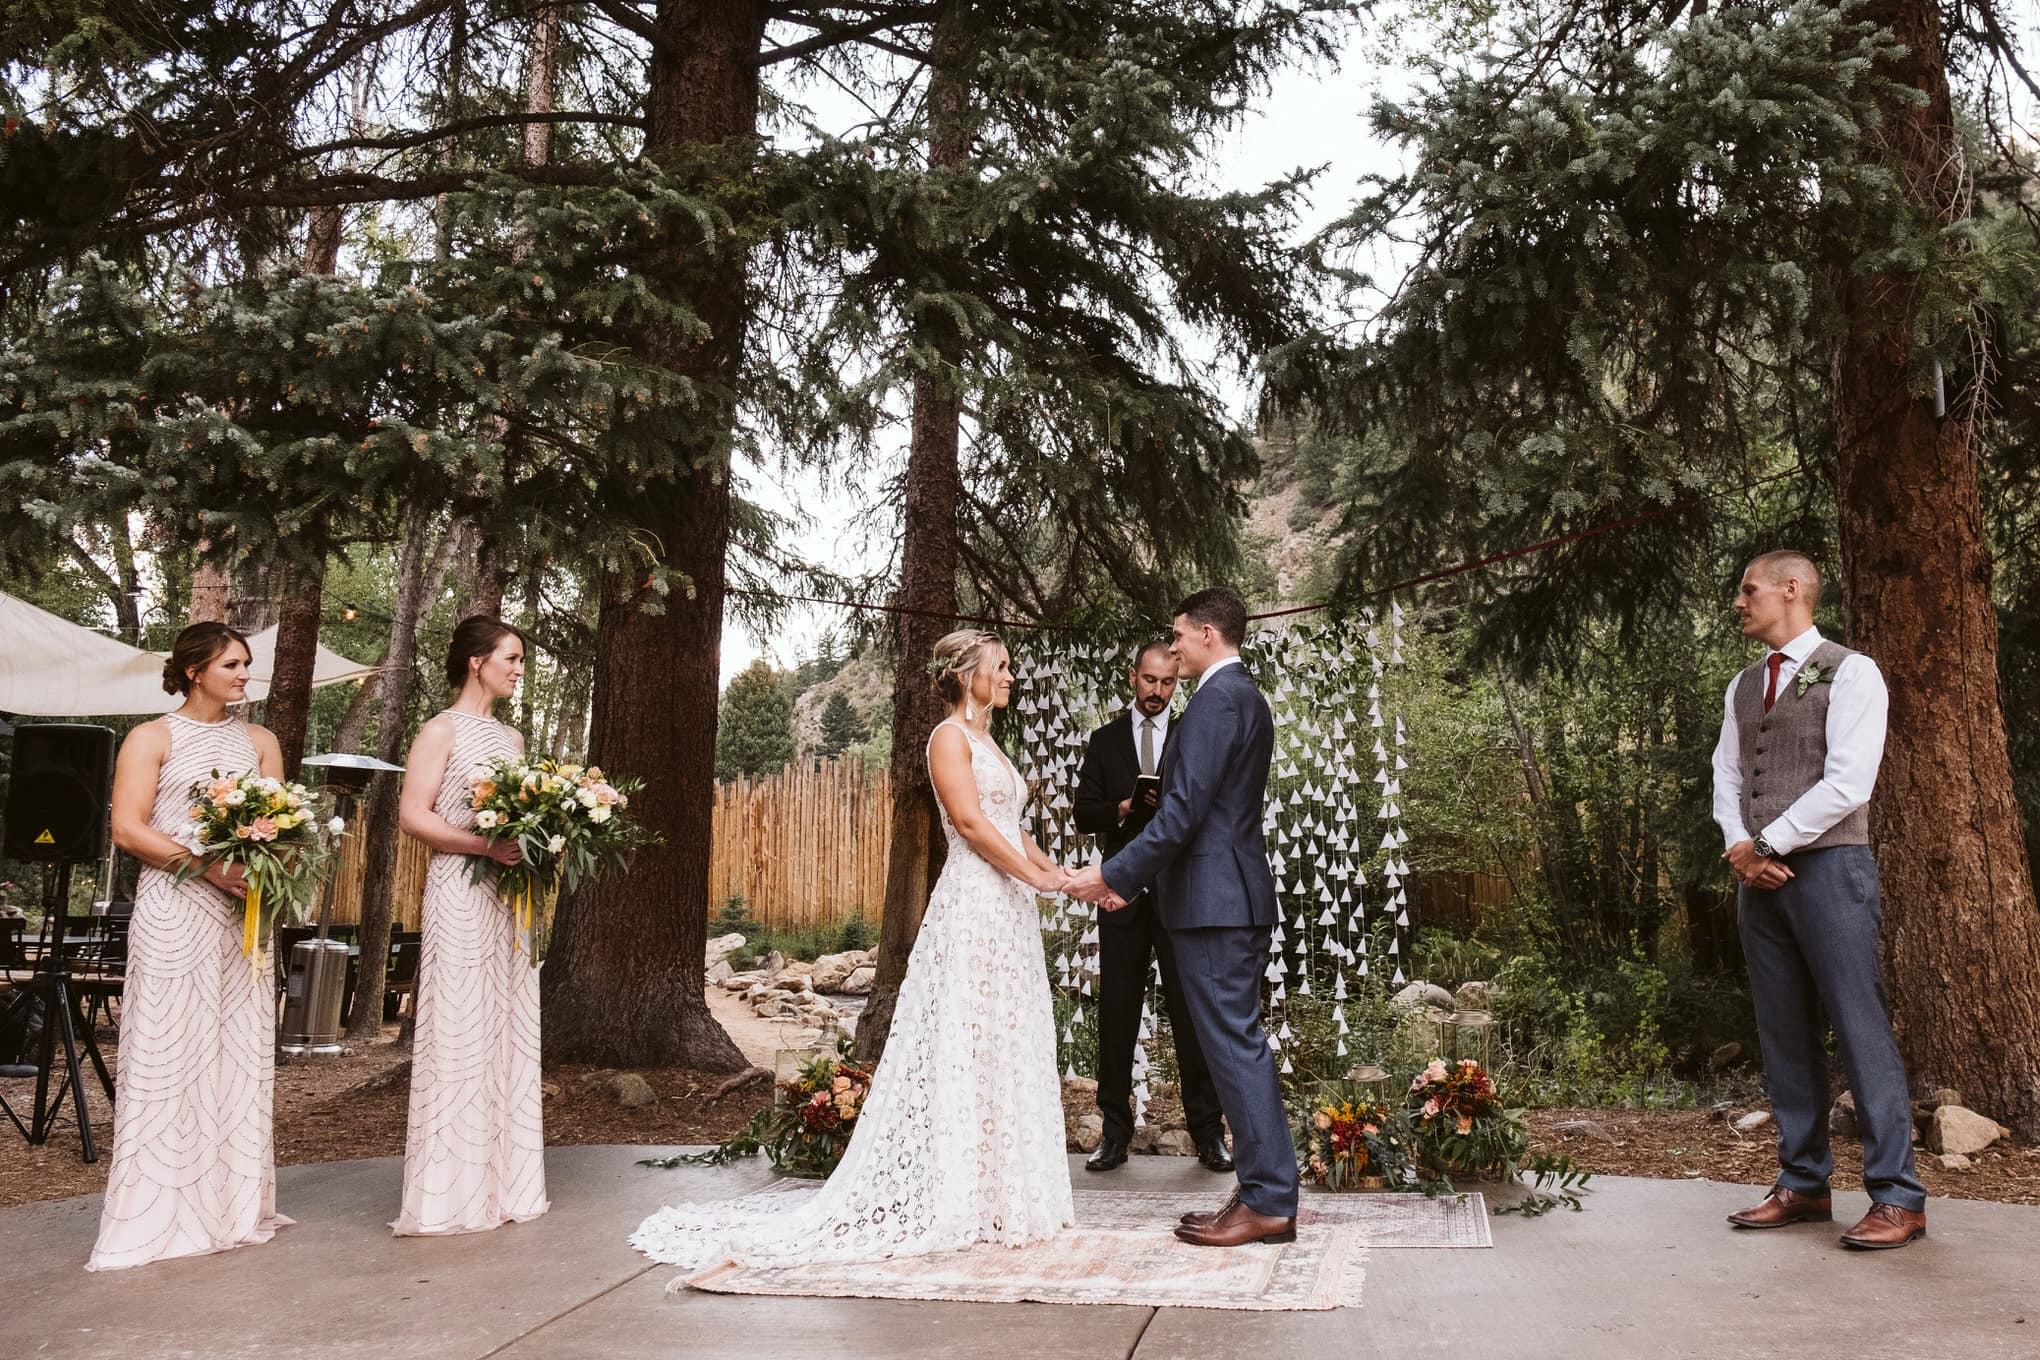 Wedding ceremony at Blackstone Rivers Ranch wedding venue in Idaho Springs